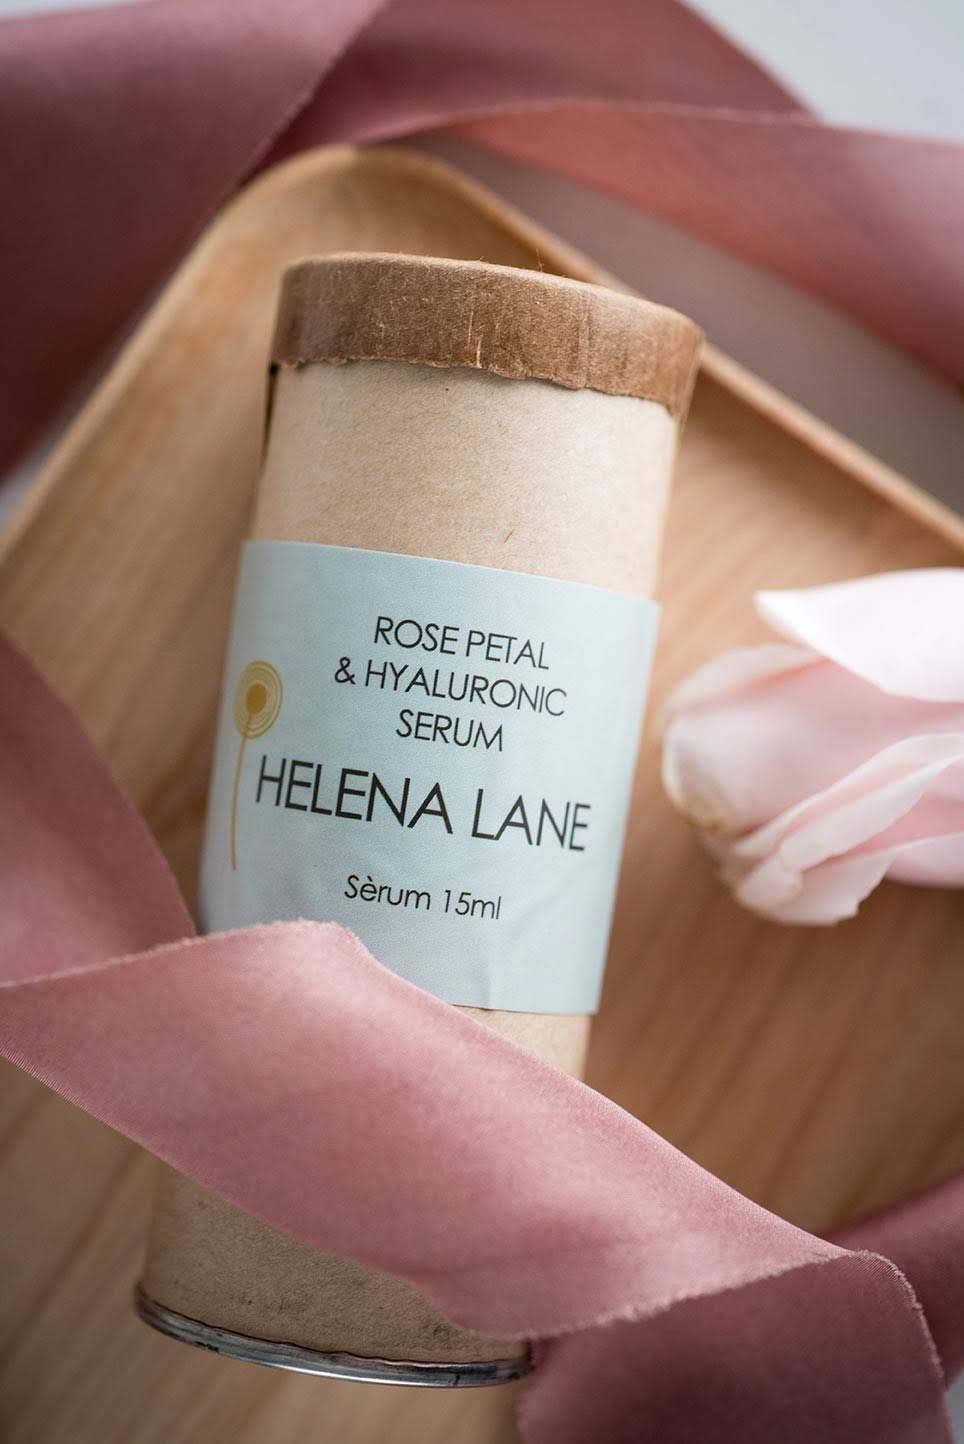 Helena Lane - Rose Petal Hyaluronic Serum | Kolya Naturals, Canada